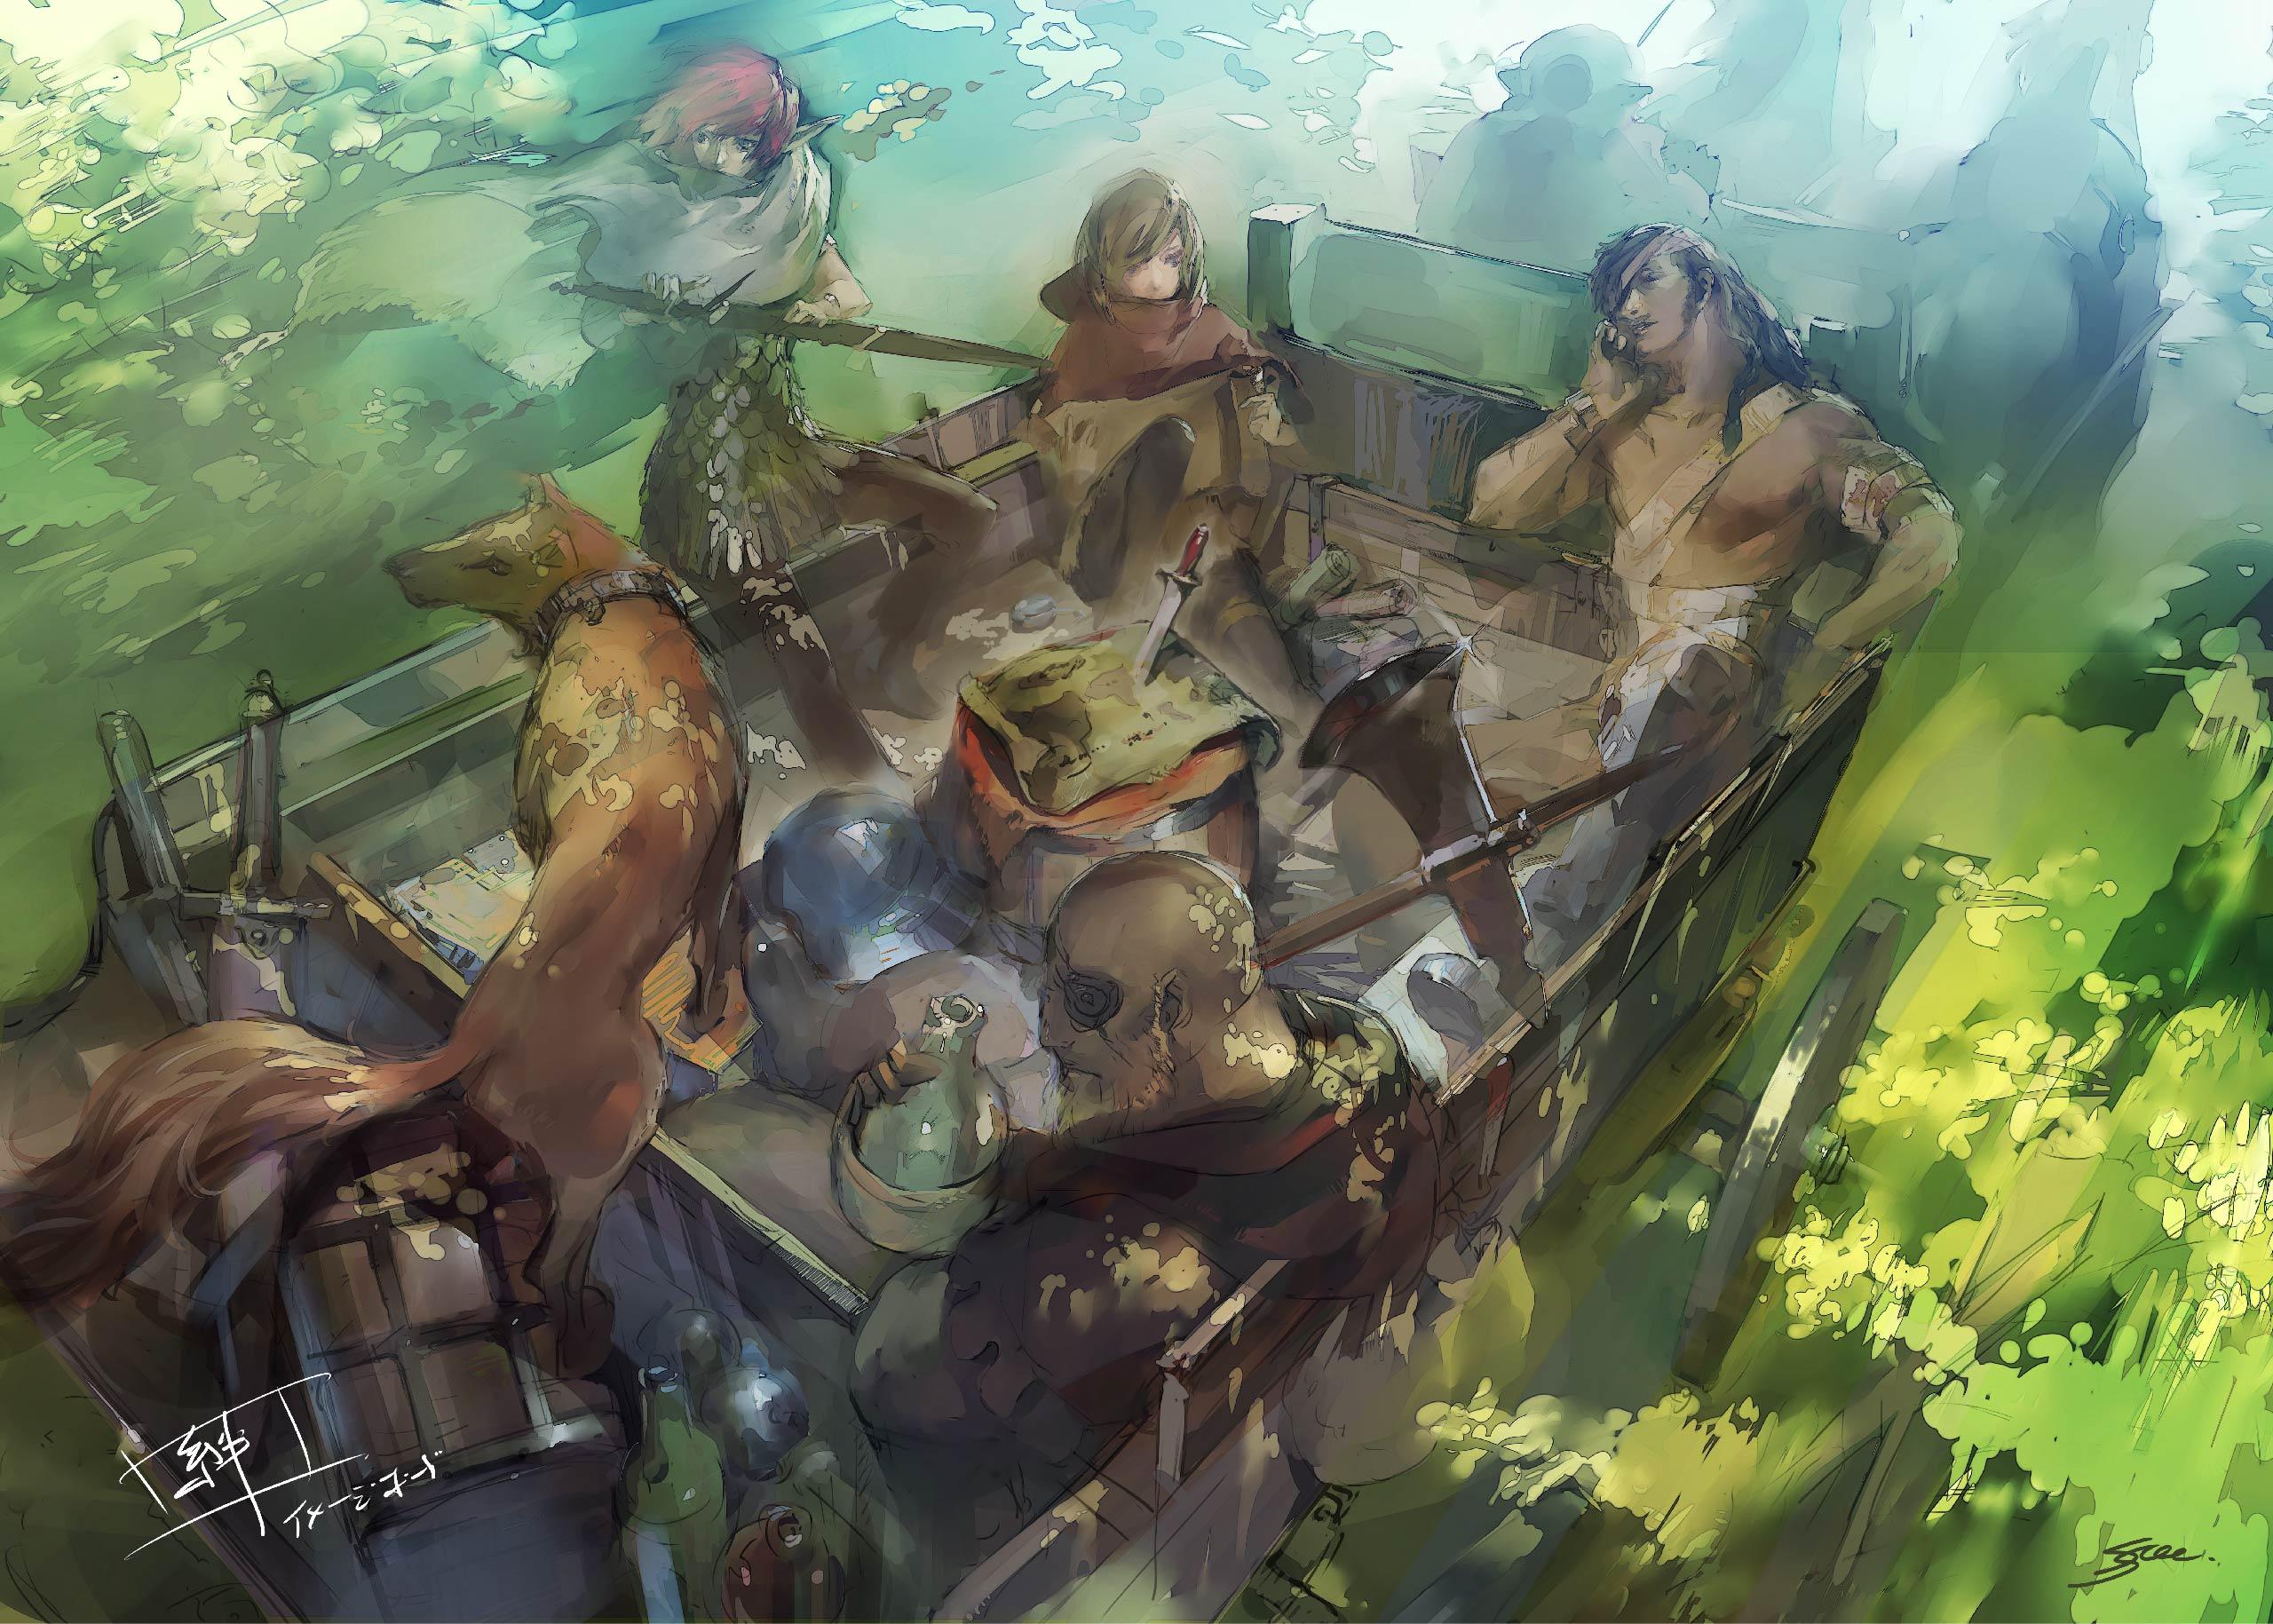 <b>Atlus新作《Project Re Fantasy》开发顺利进行中</b>